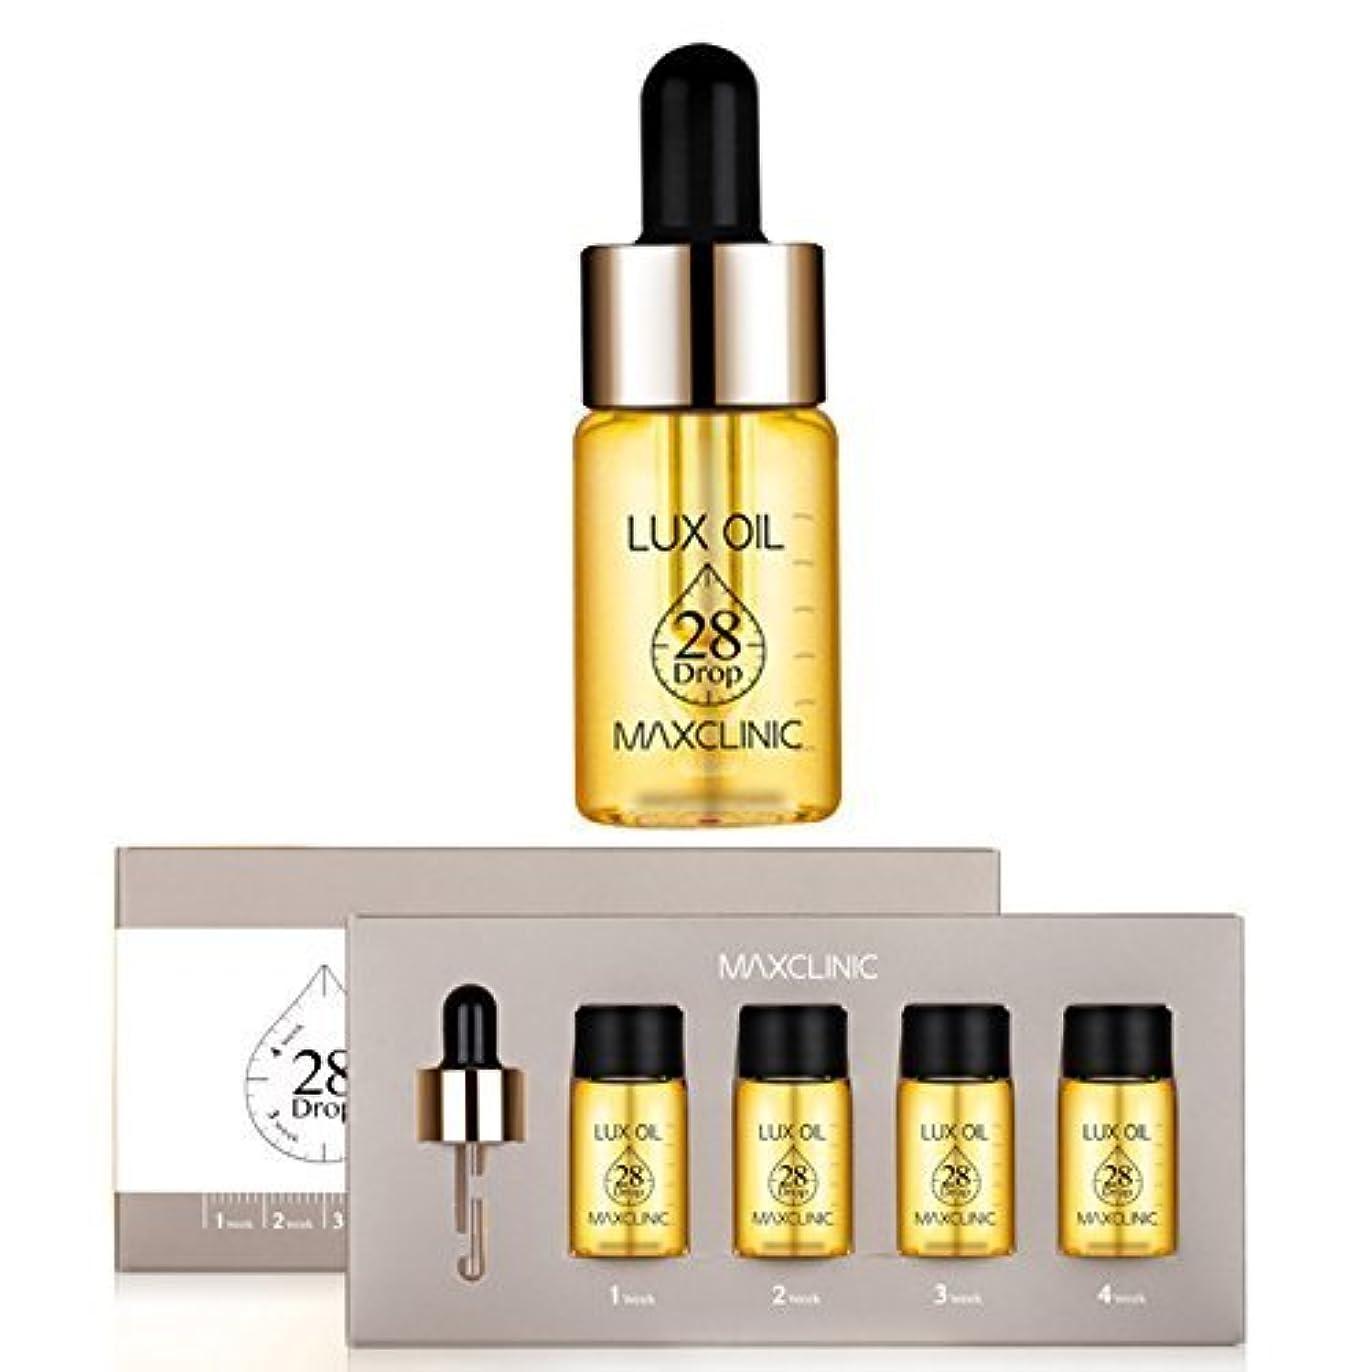 市区町村苦い製油所マックスクリニック[韓国コスメMaxclinic]Lux Oil 28 Drop,Luxury spa oil ampoules ラックスオイル28ドロップ、ラグジュアリースパオイルアンプル10mlX4個 [並行輸入品]